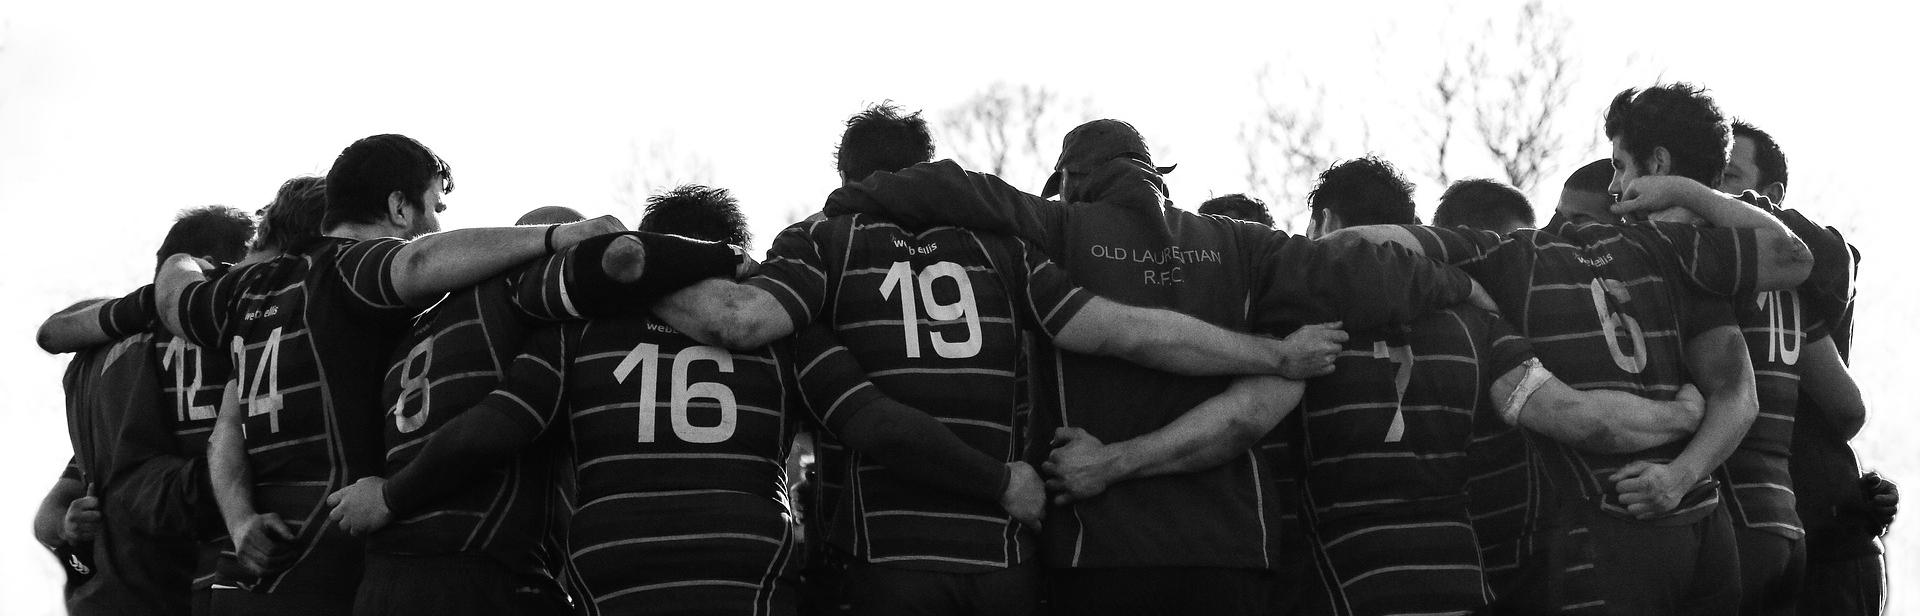 Der Begriff Scrum ist dem englischen Rugby Sport entlehnt und bedeutet Geordnetes Gedränge